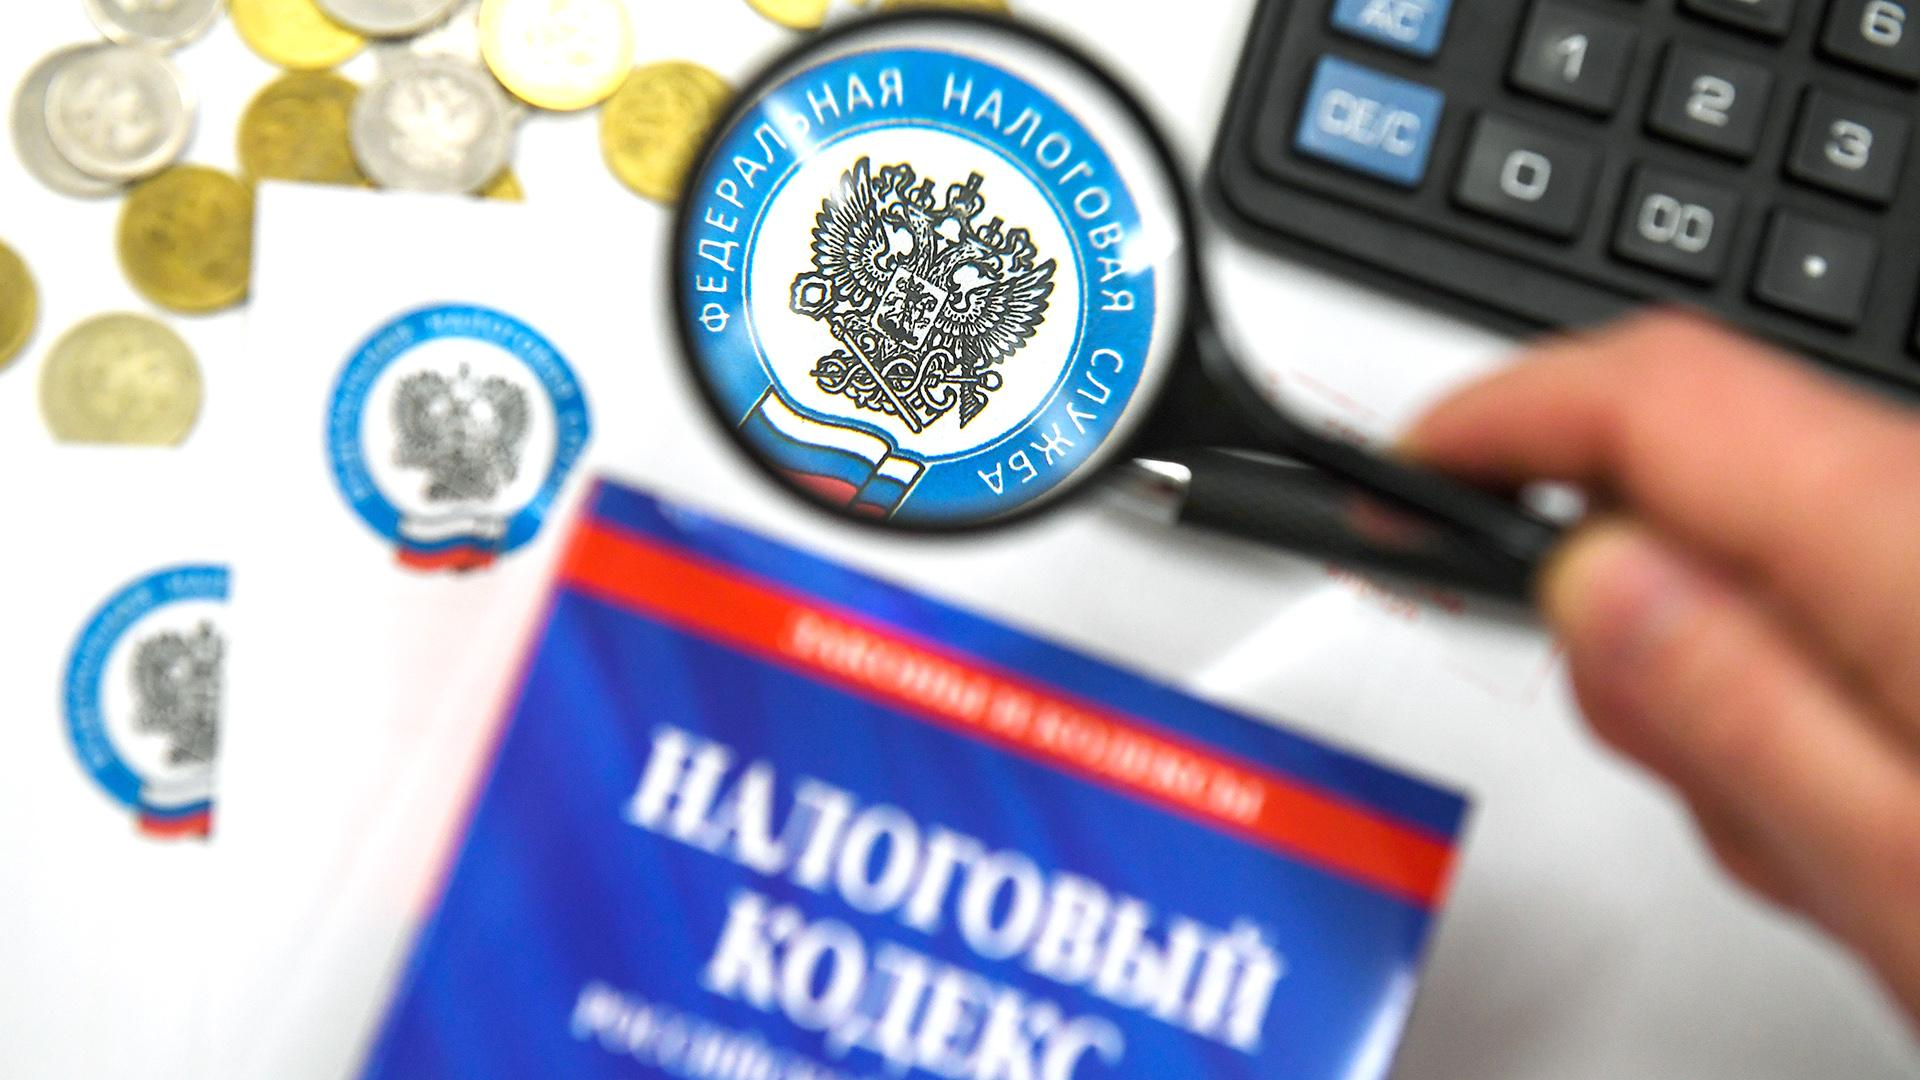 Налоговая служба Якутии напоминает о необходимости перехода  на новый режим налогообложения